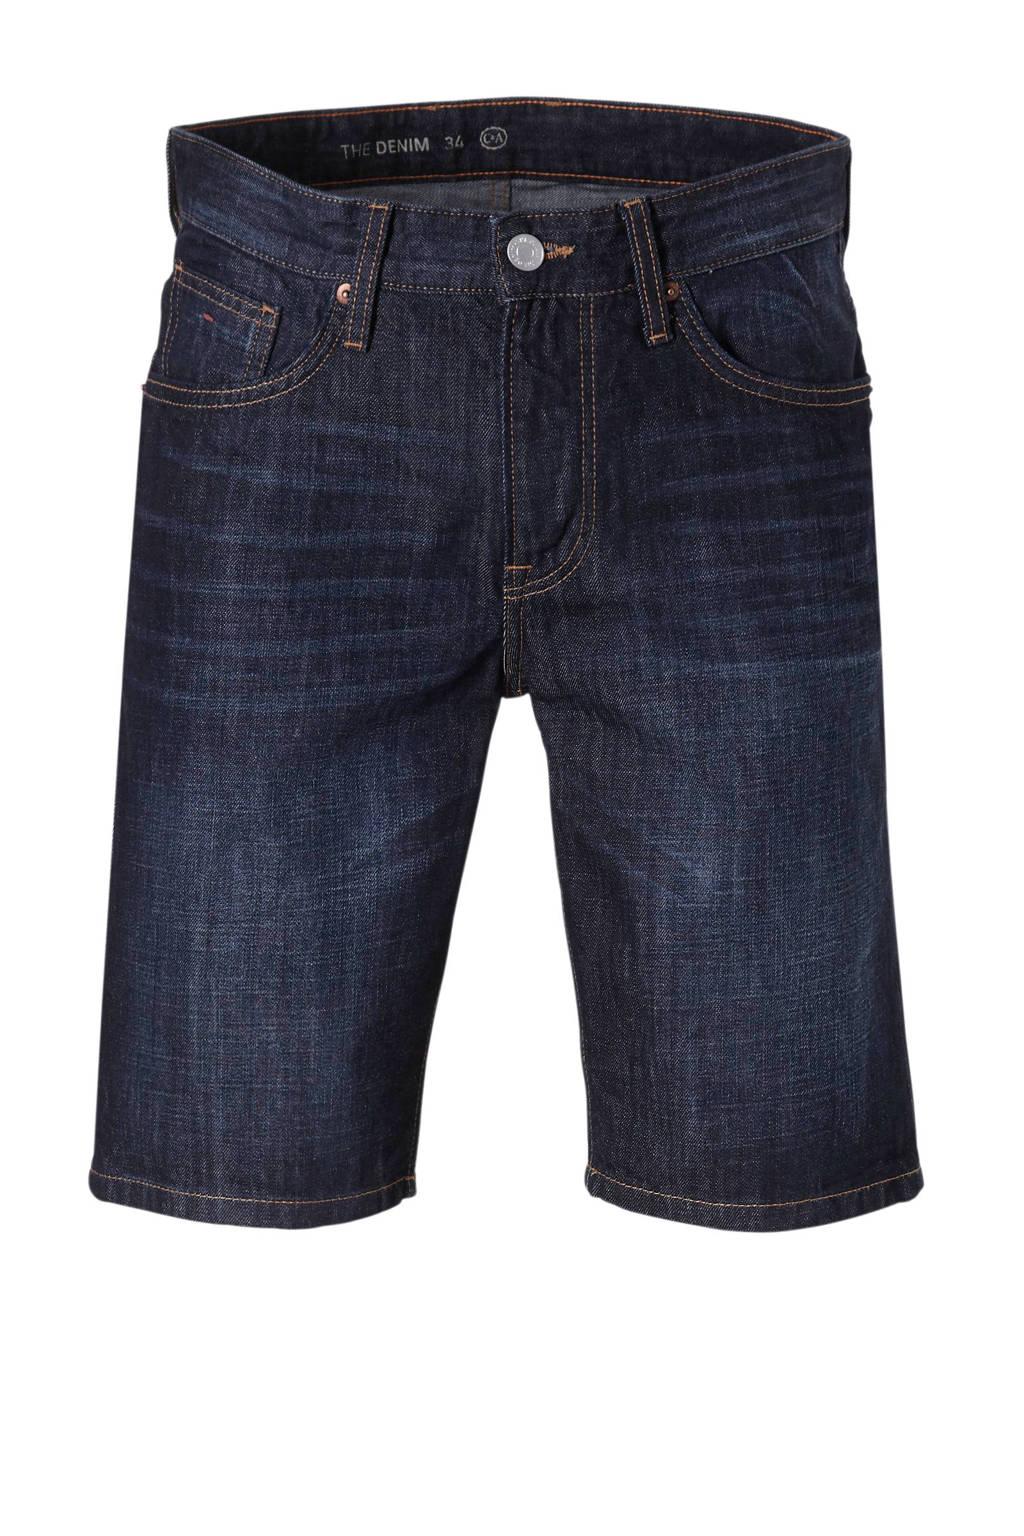 C&A The Denim regular fit jeans short, DkBlue18